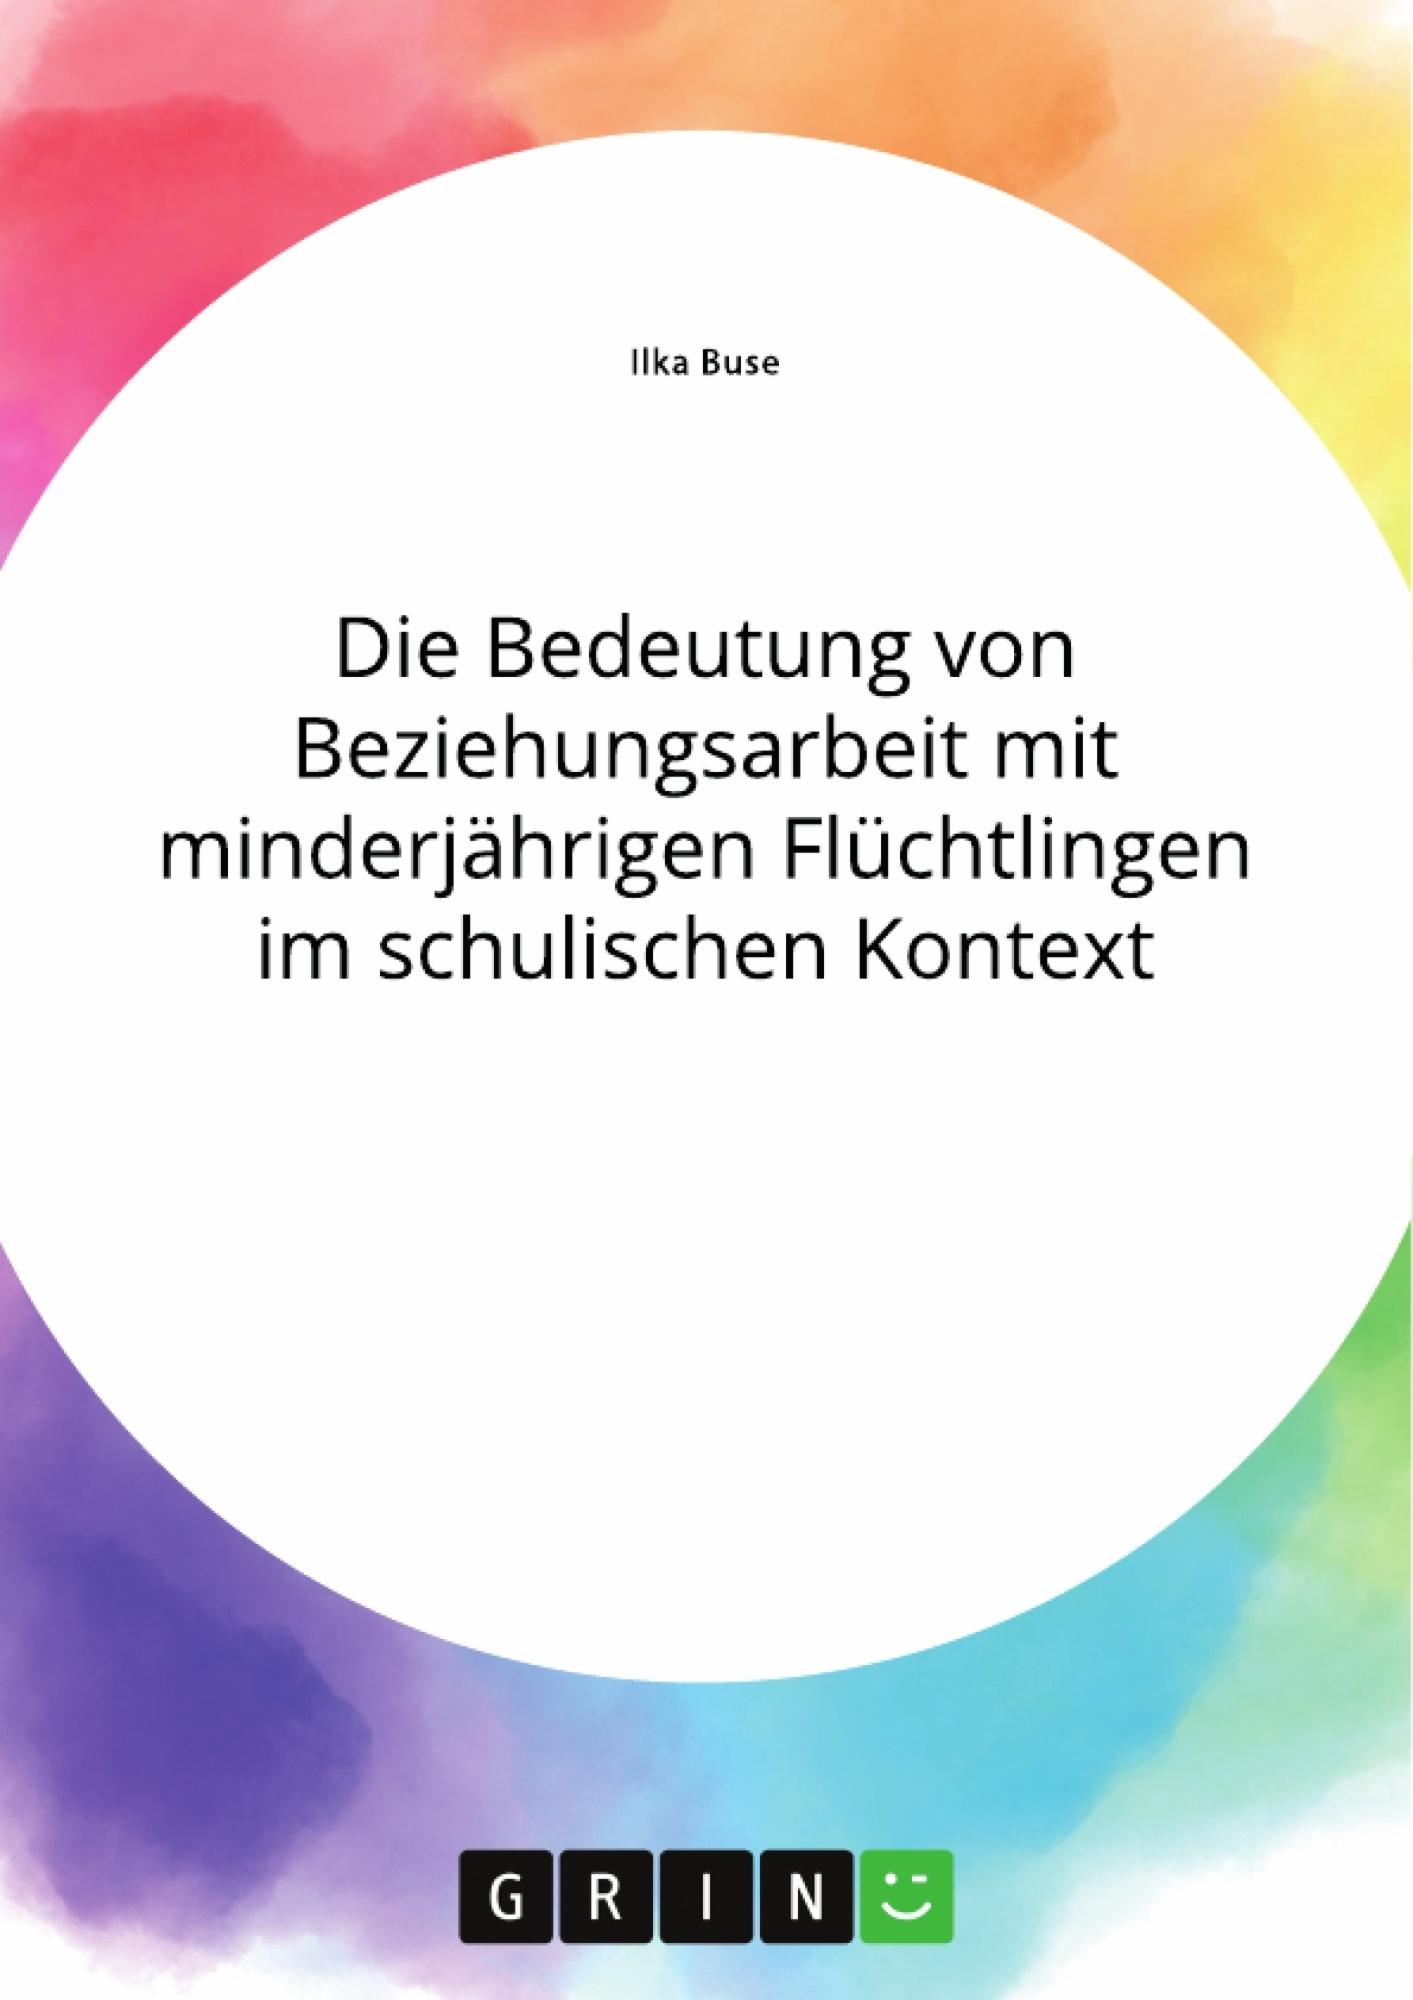 Titel: Die Bedeutung von Beziehungsarbeit mit minderjährigen Flüchtlingen im schulischen Kontext